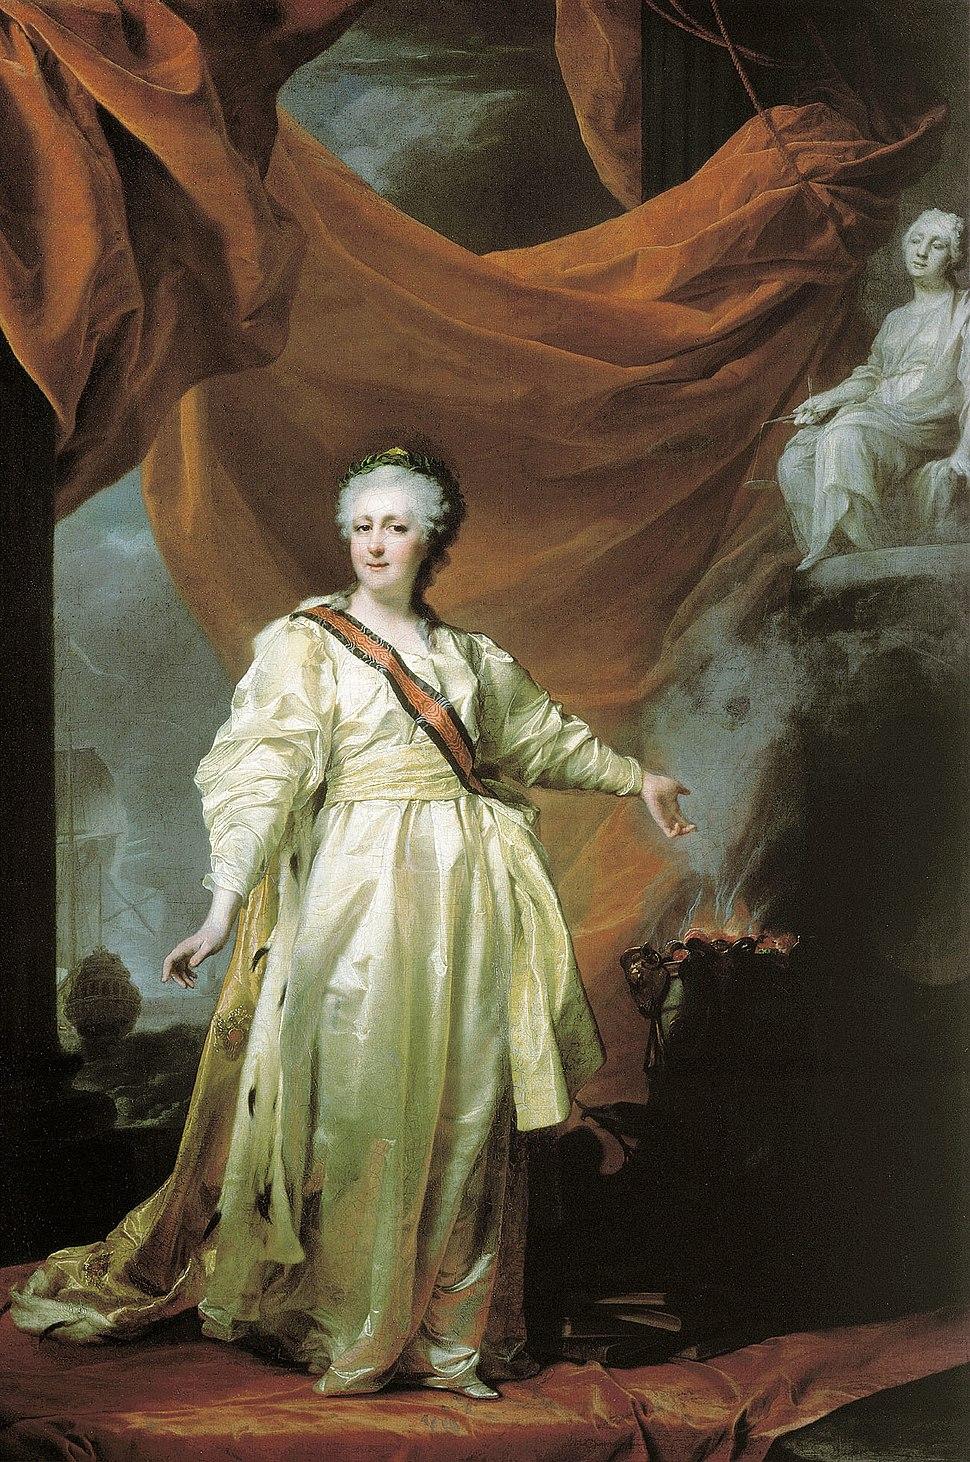 Catherine II the Legislatress by D. Levitskiy (1780s, Tretyakov gallery)